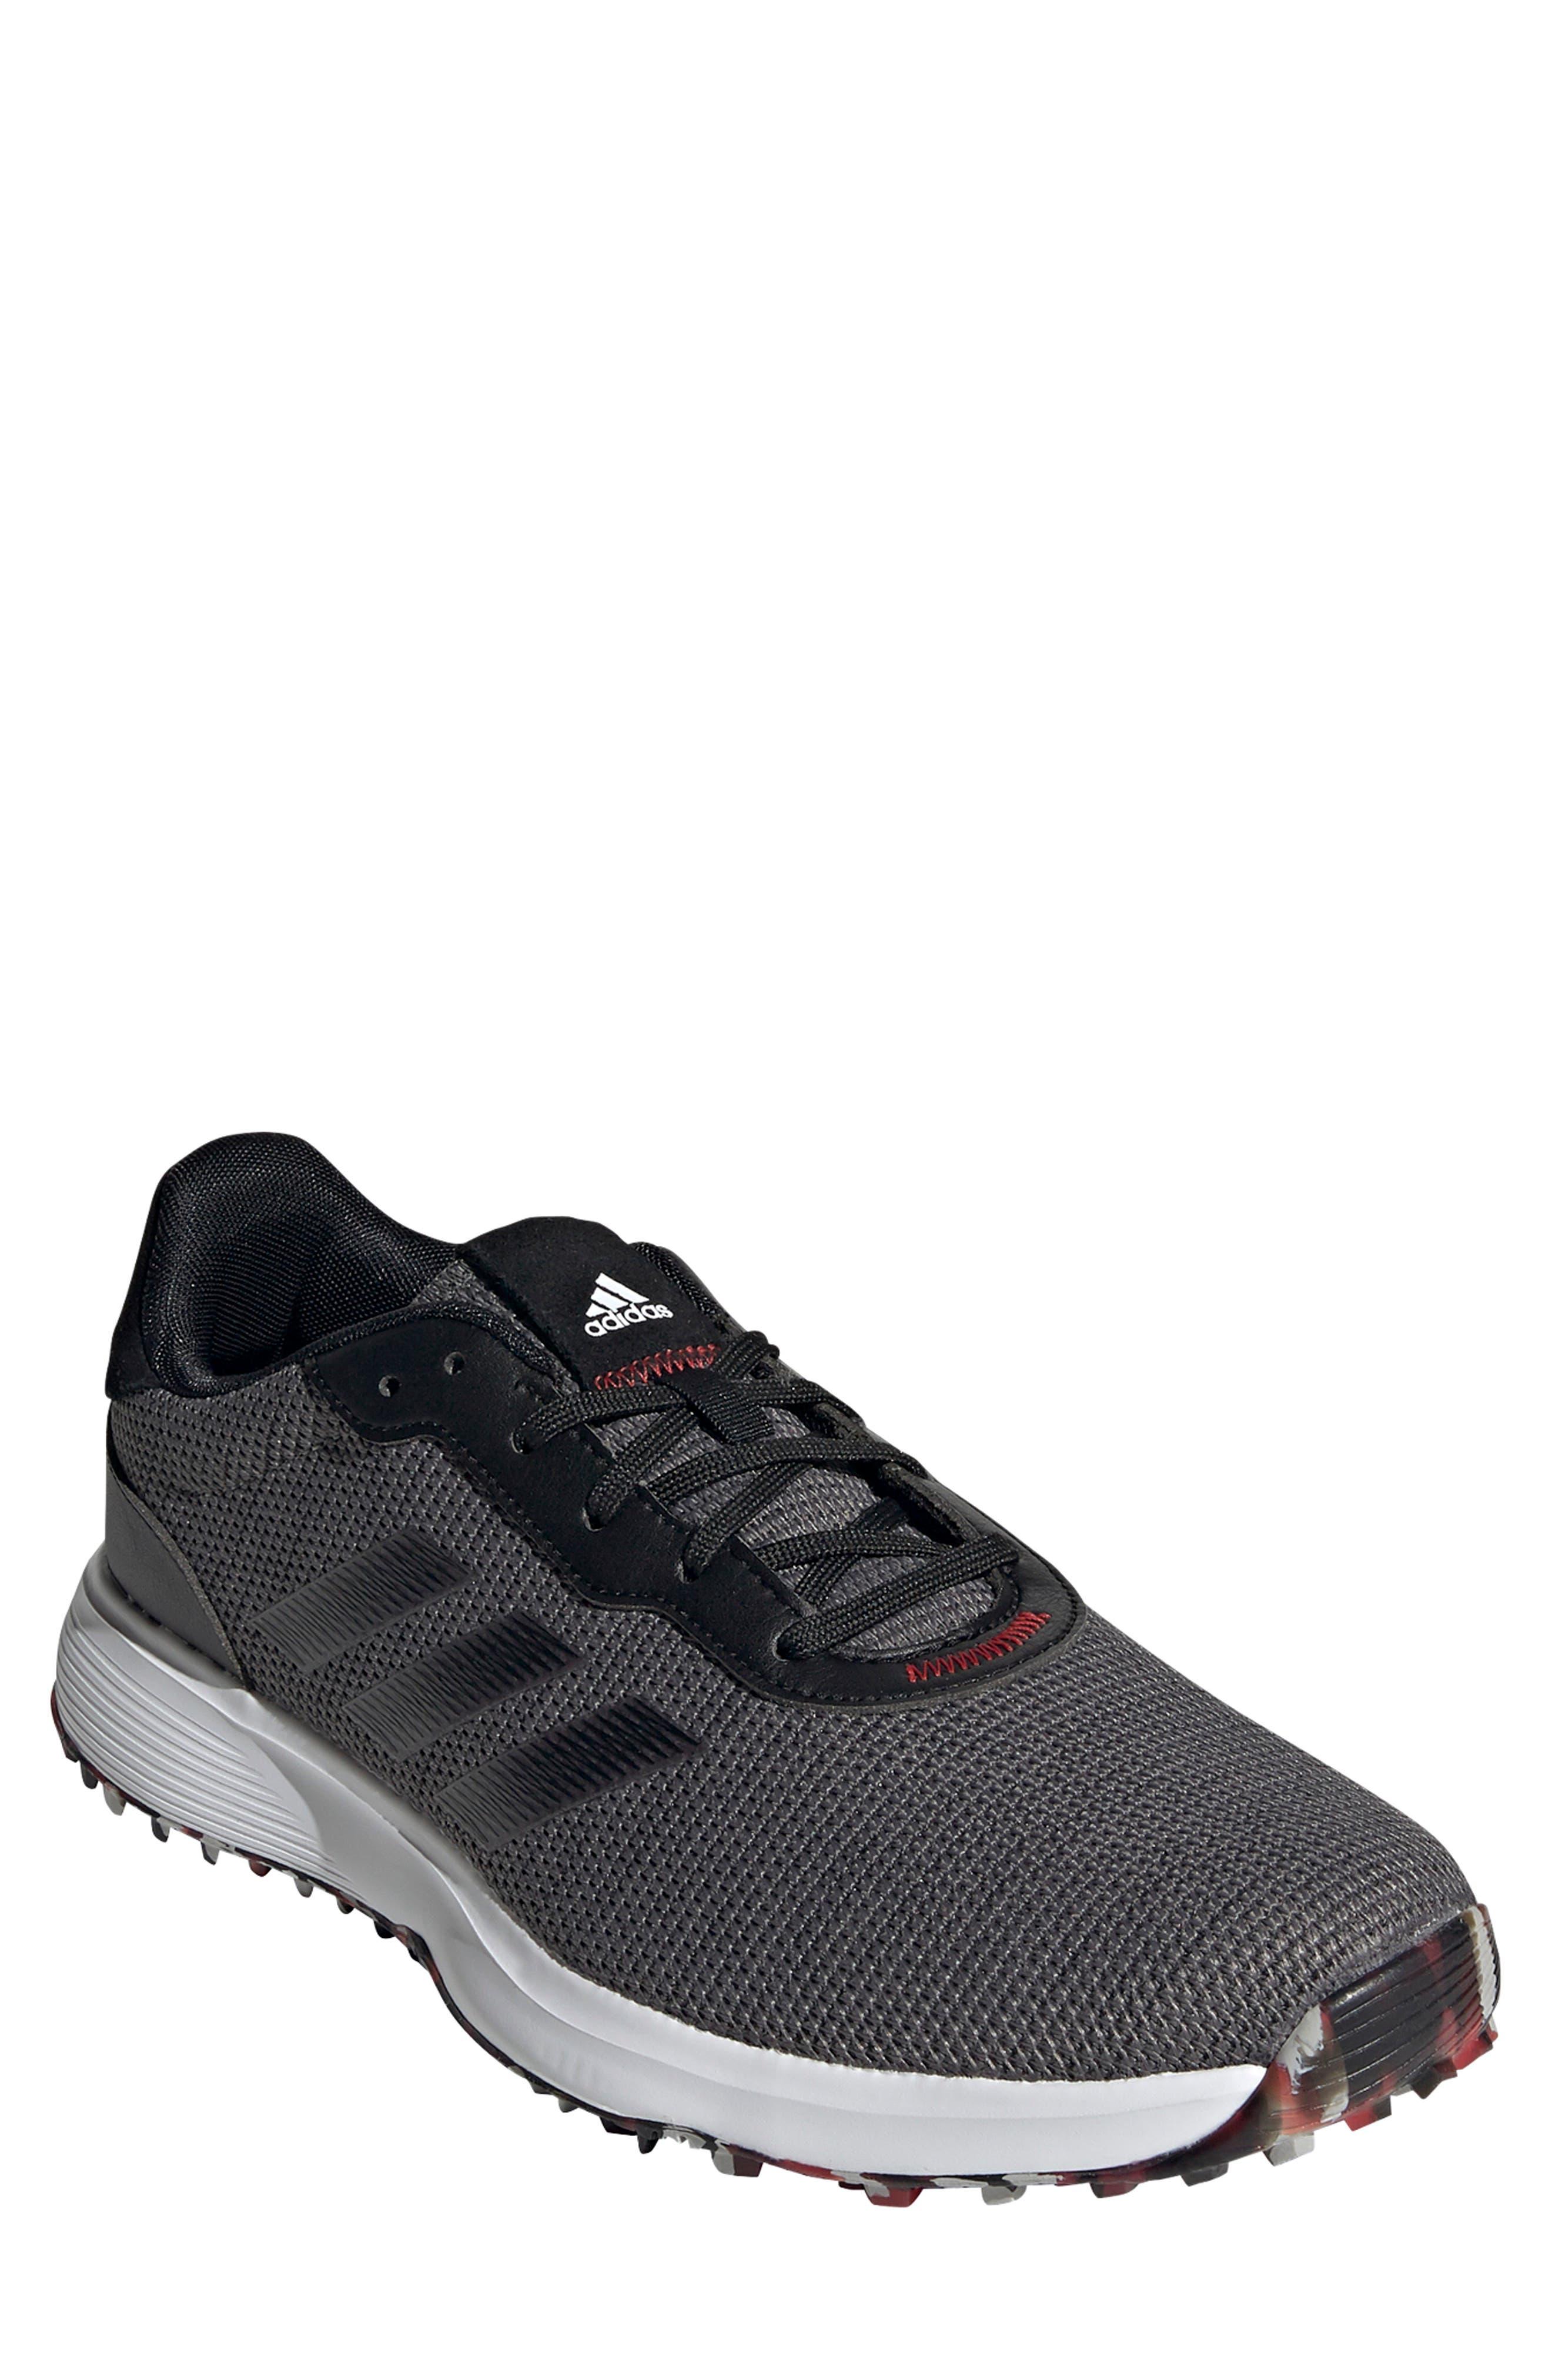 S2G Spikeless Golf Shoe